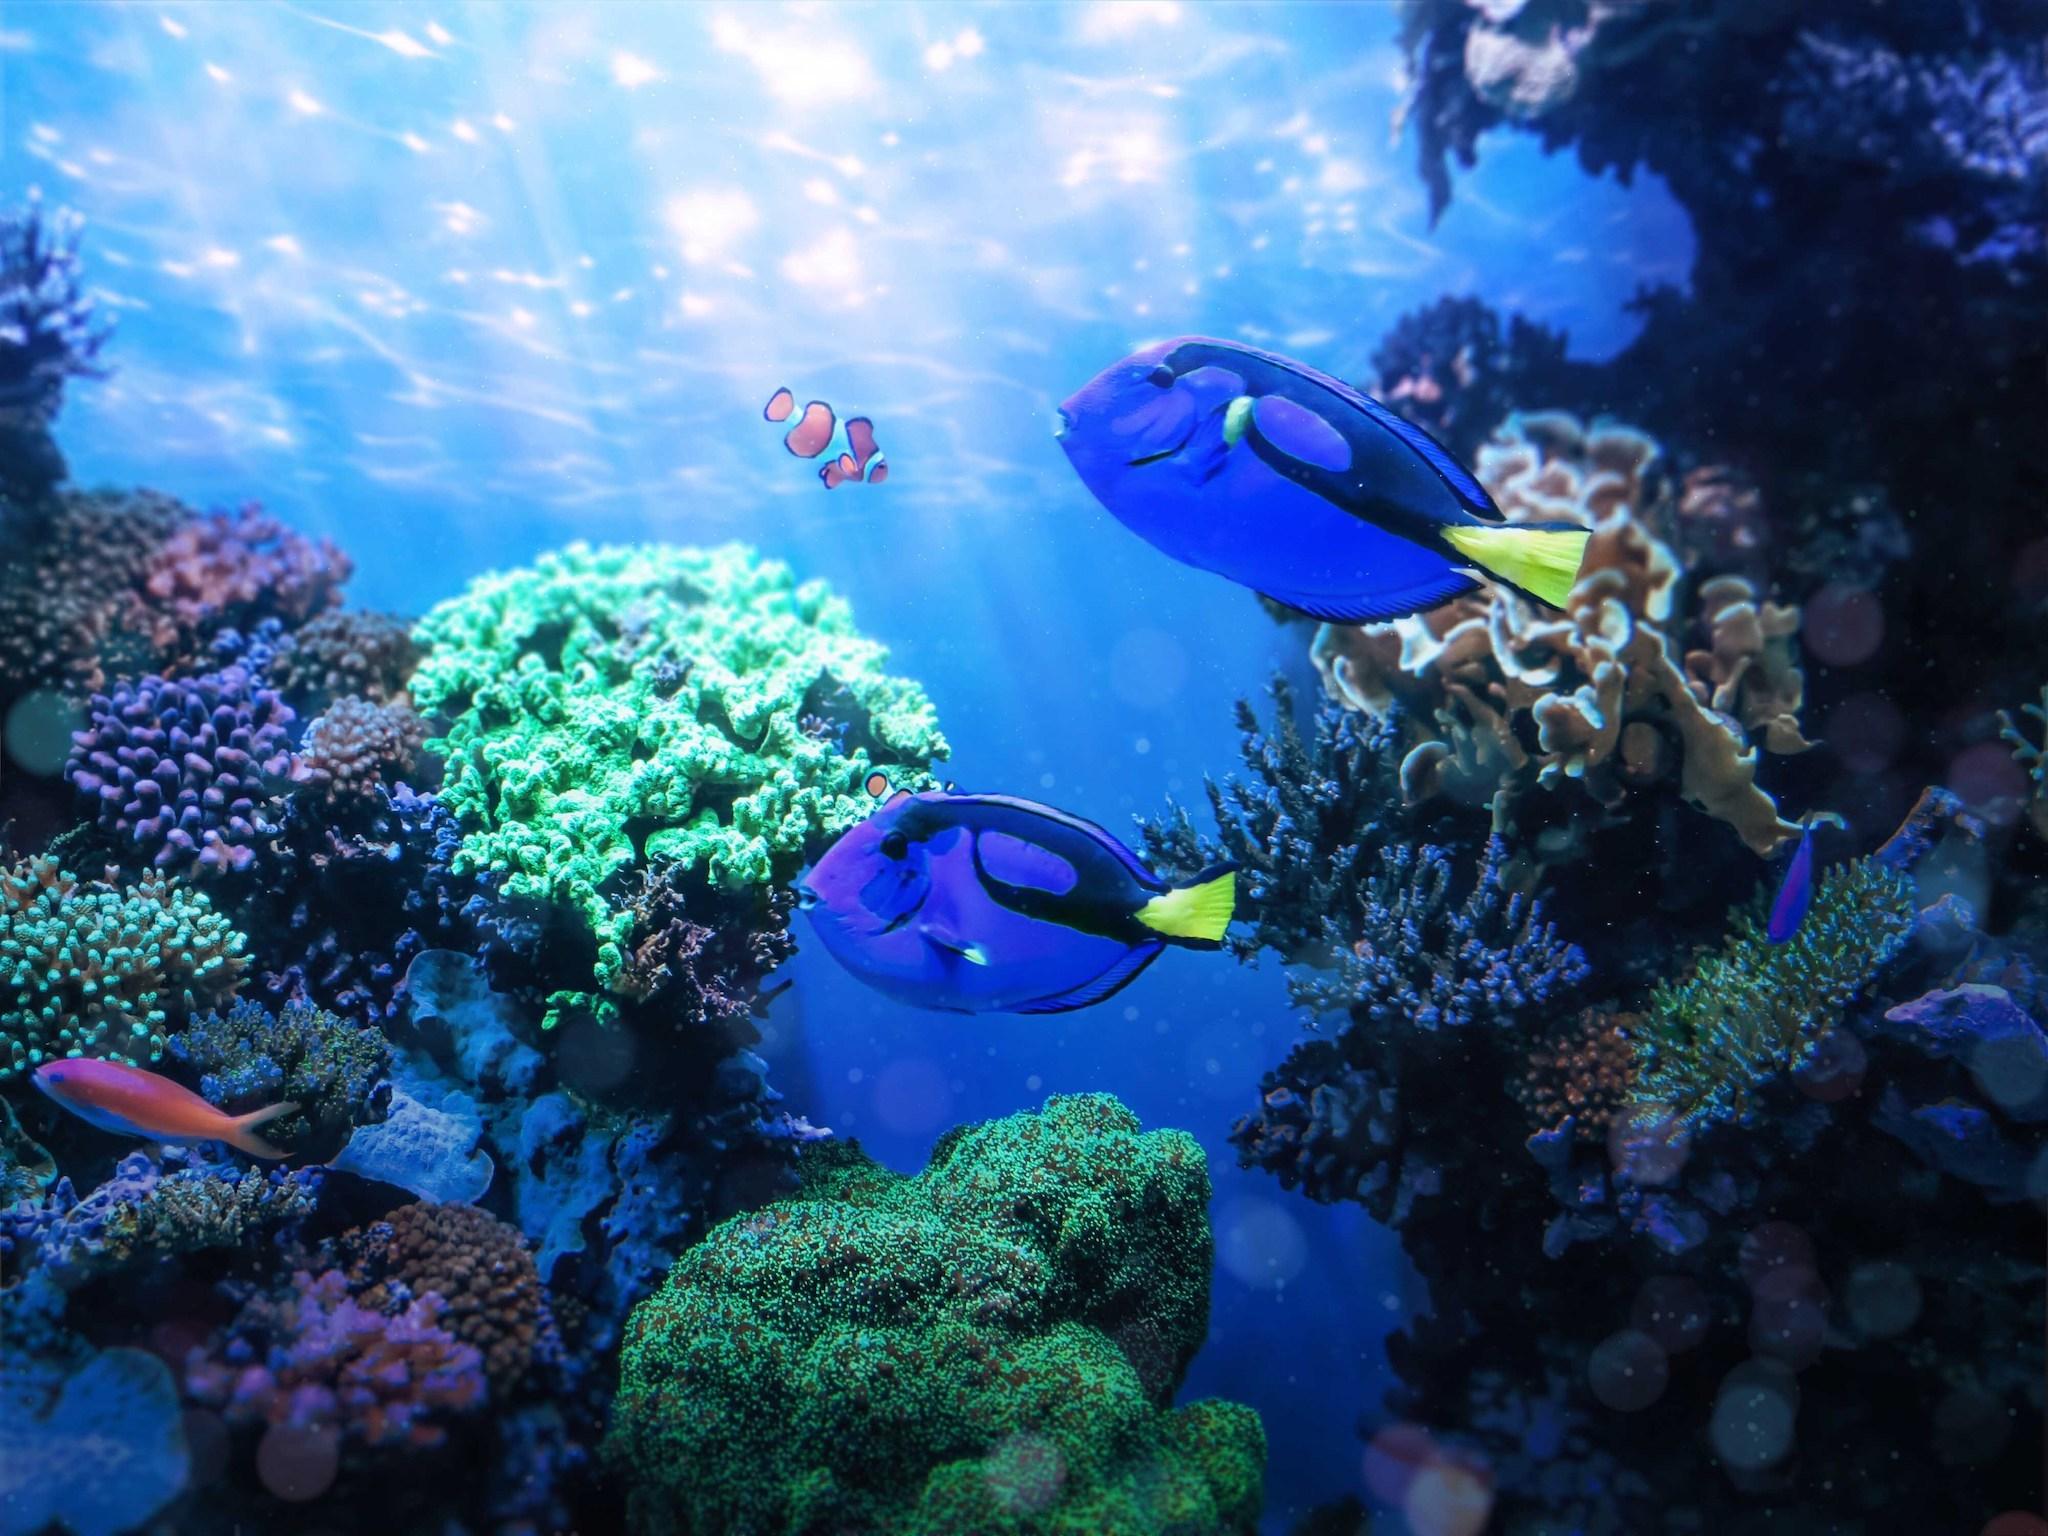 Best live aquarium cams